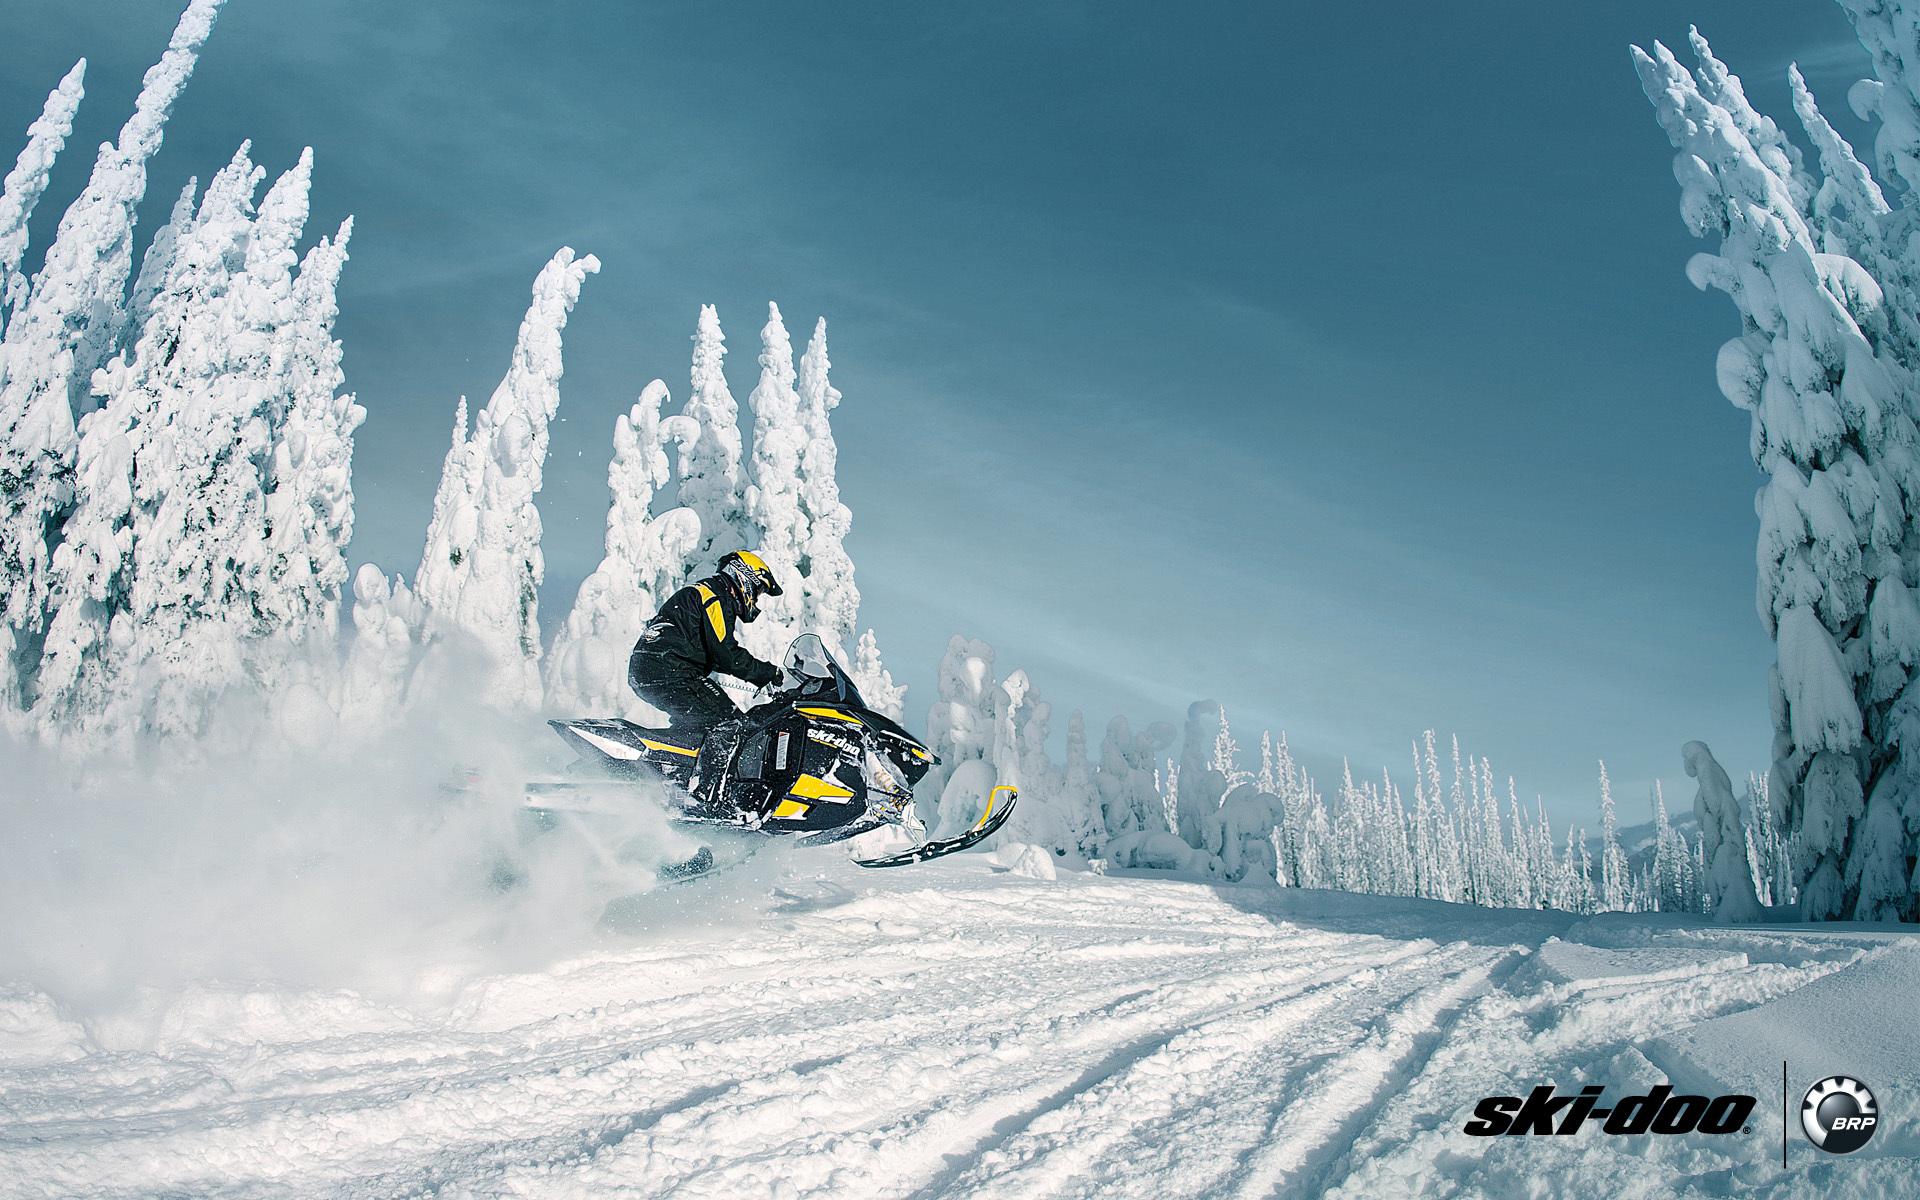 Wallpaper ski doo skidoo renegade adrenaline 1920x1200